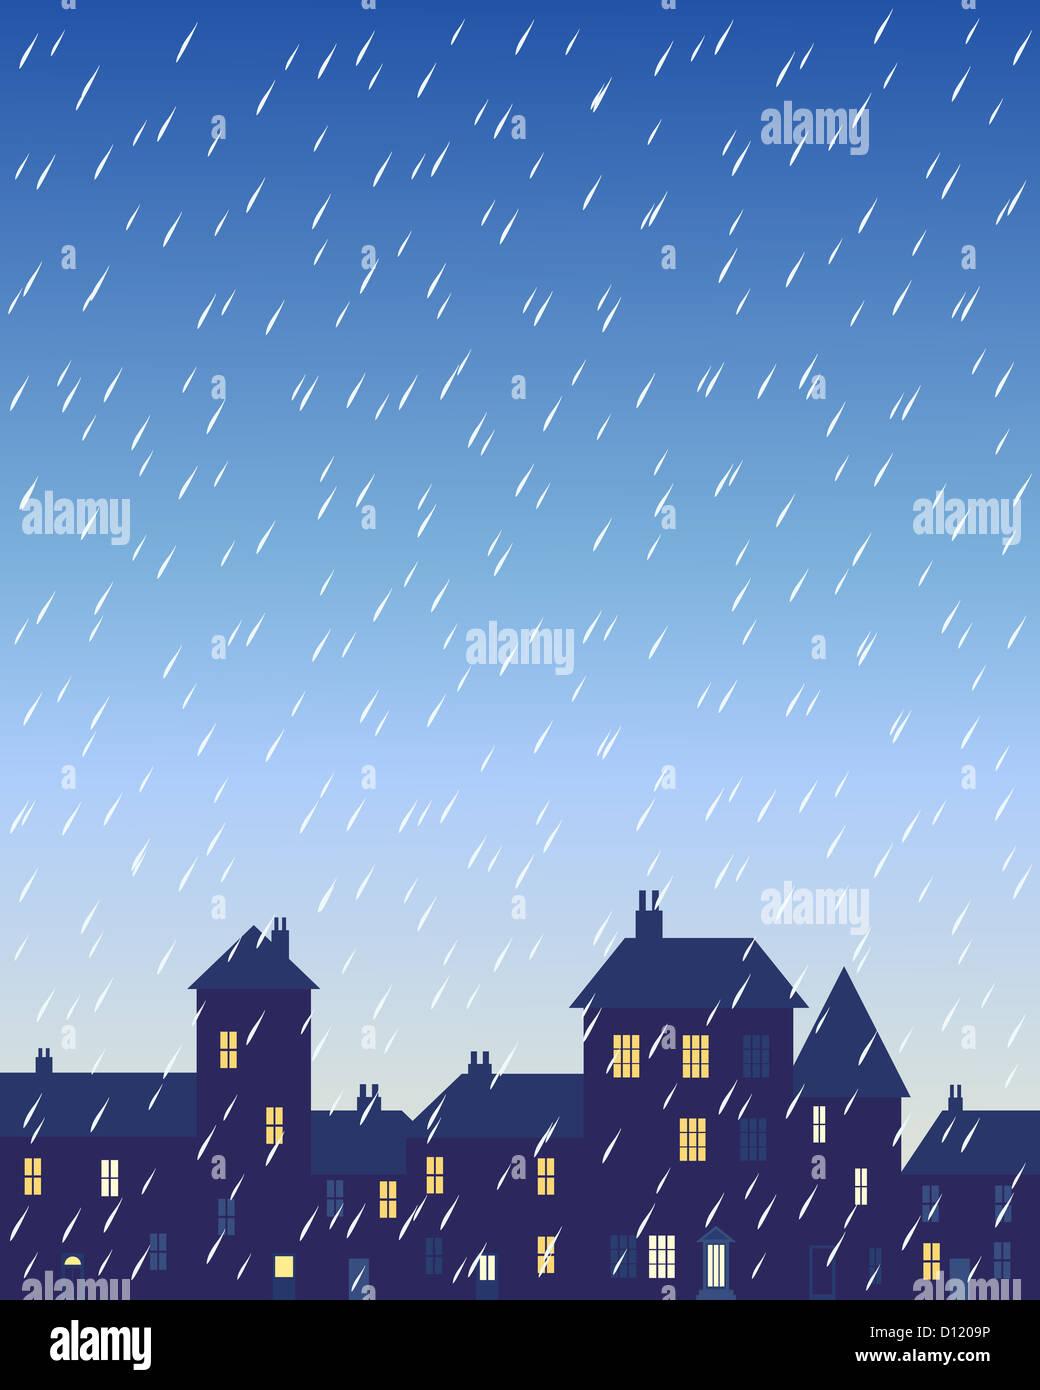 ein Beispiel für einen regnerischen Tag in einer Stadt mit verschiedenen geformten Gebäude und Häuser mit beleuchteten Stockfoto